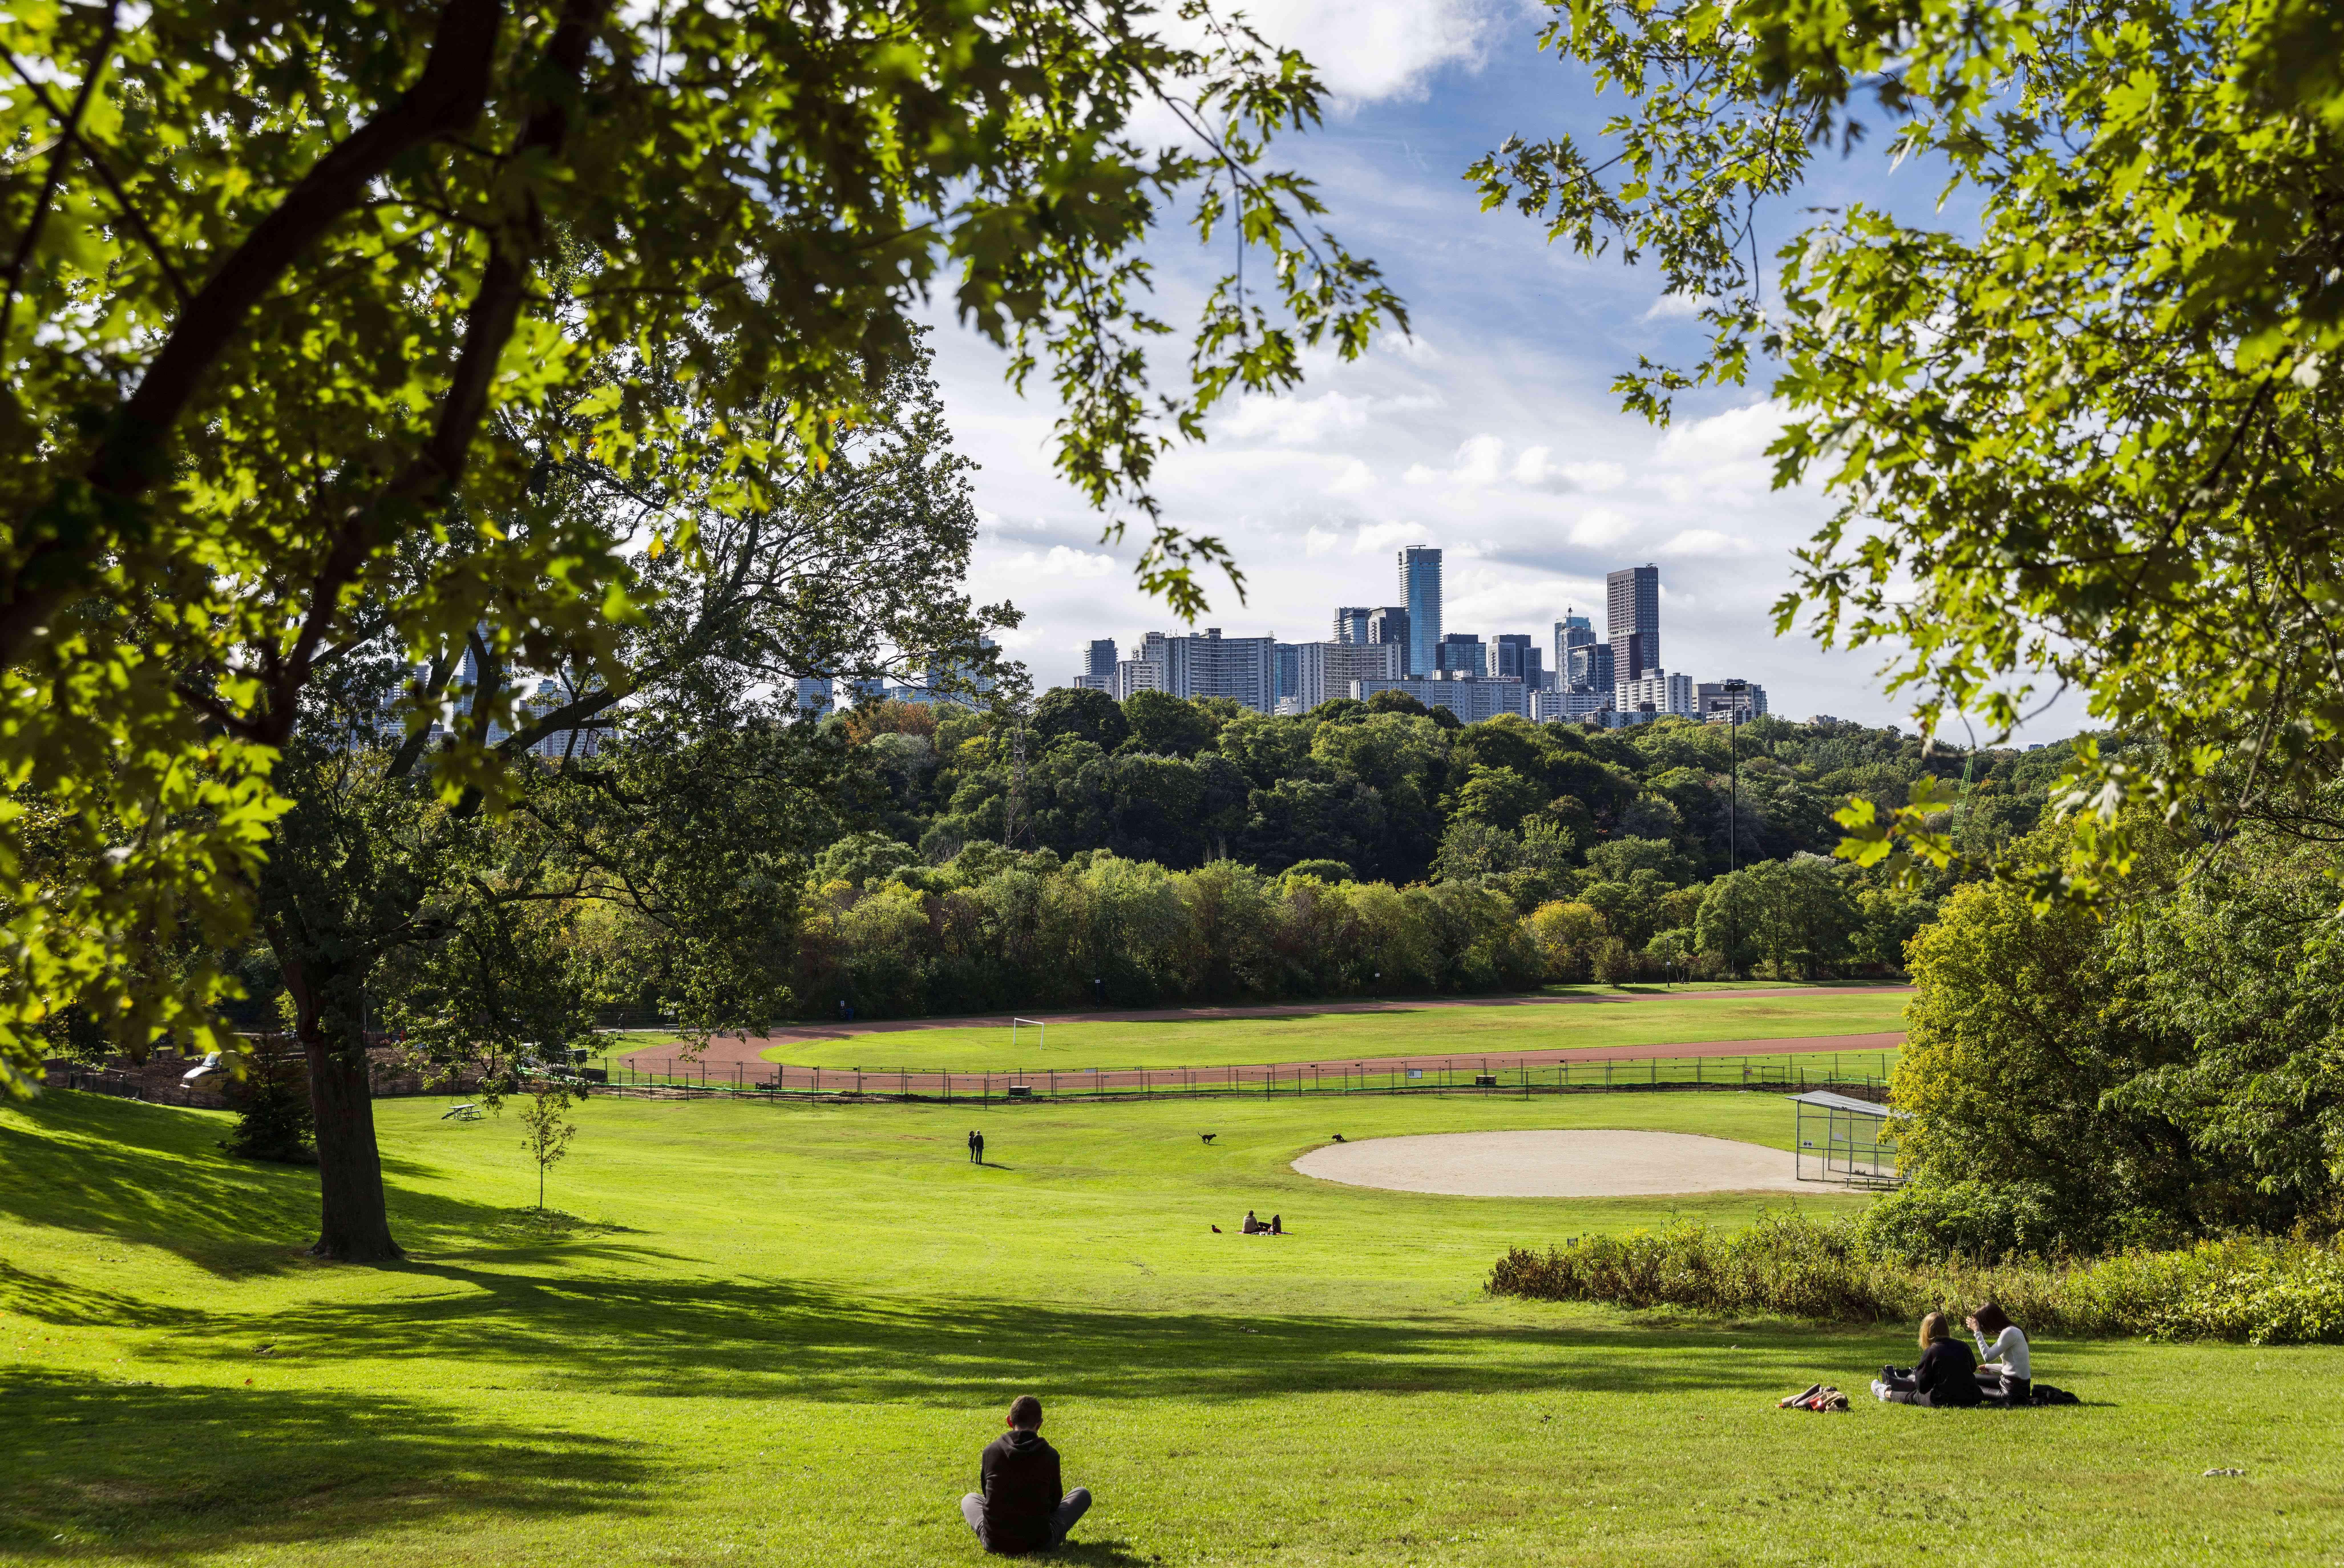 Riverdale Park in Toronto